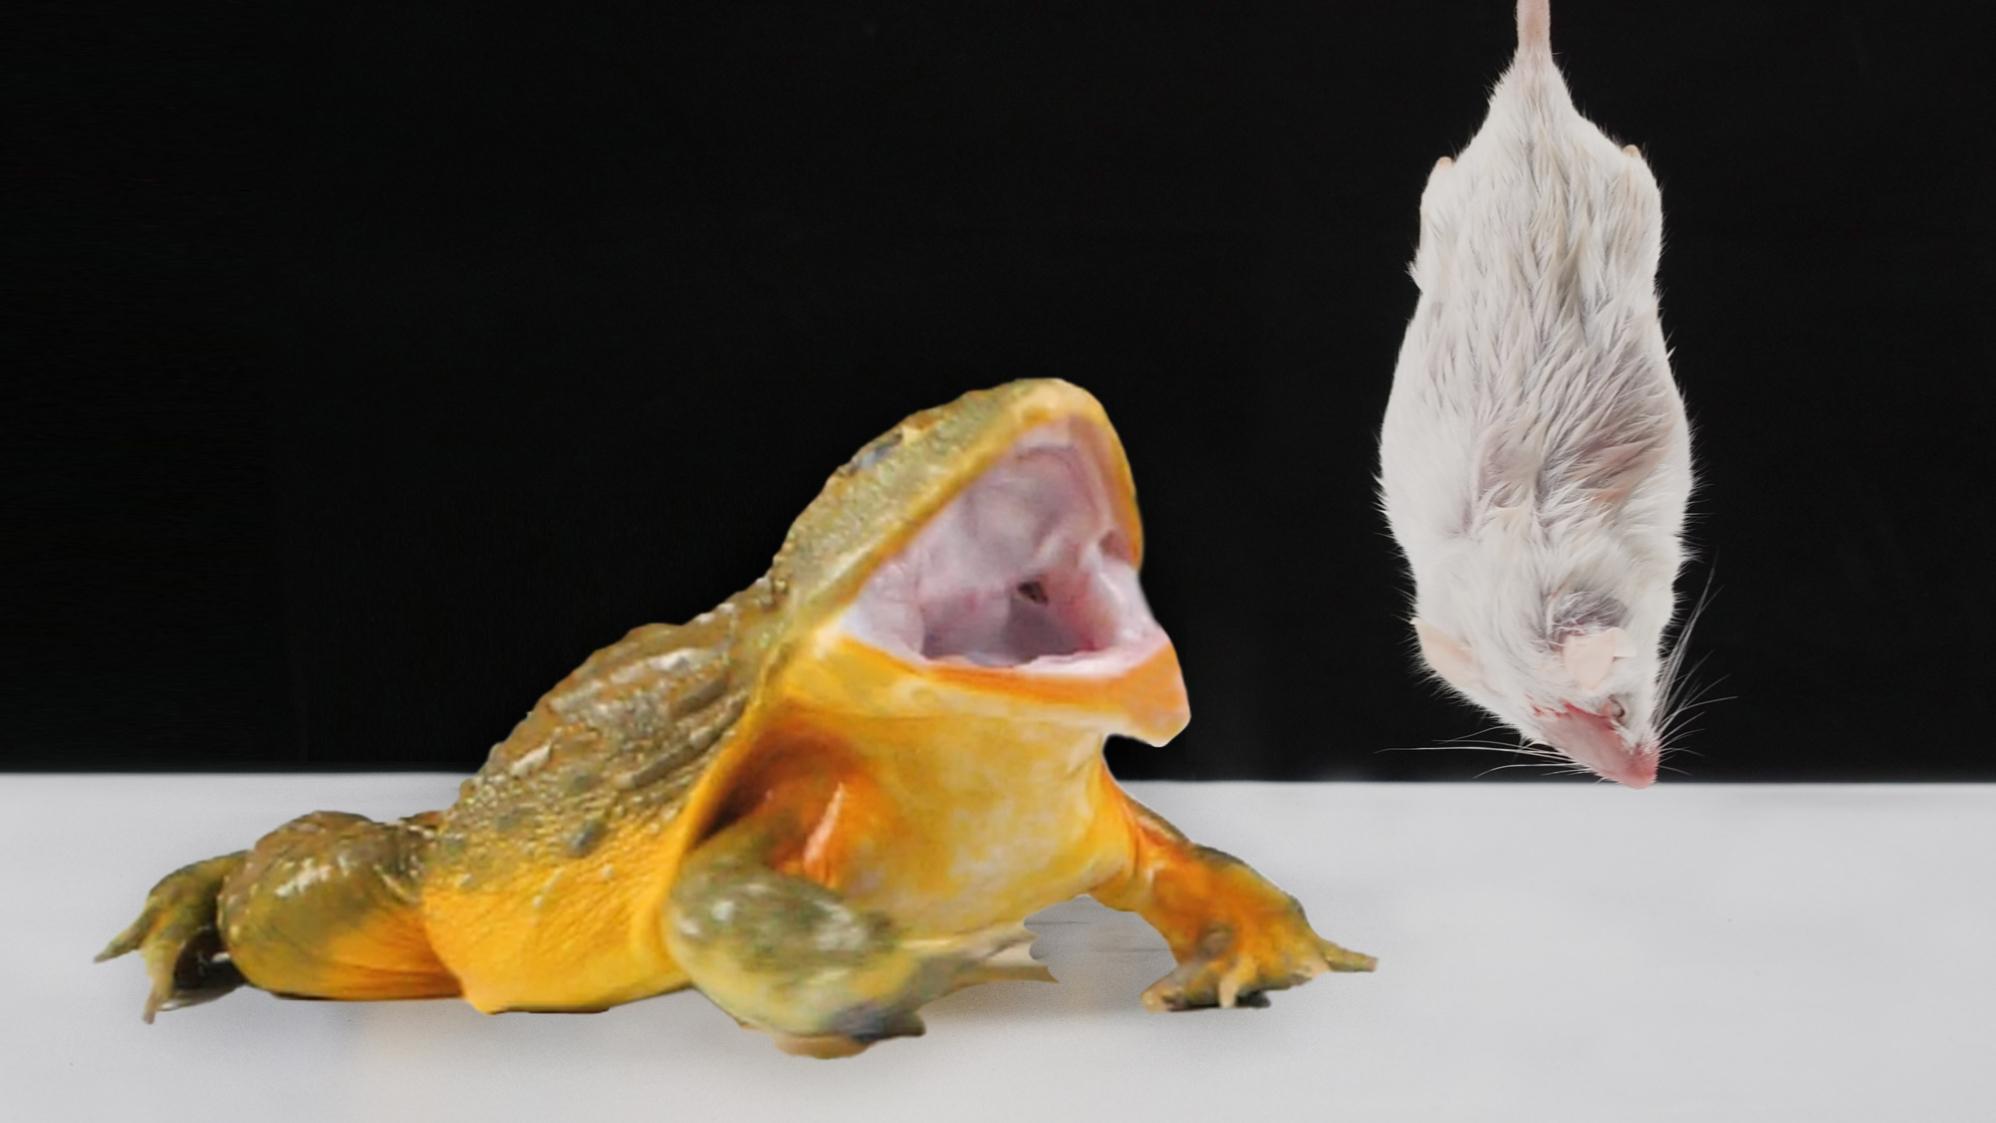 当吞噬一切的巨型非洲牛蛙遭遇小白鼠